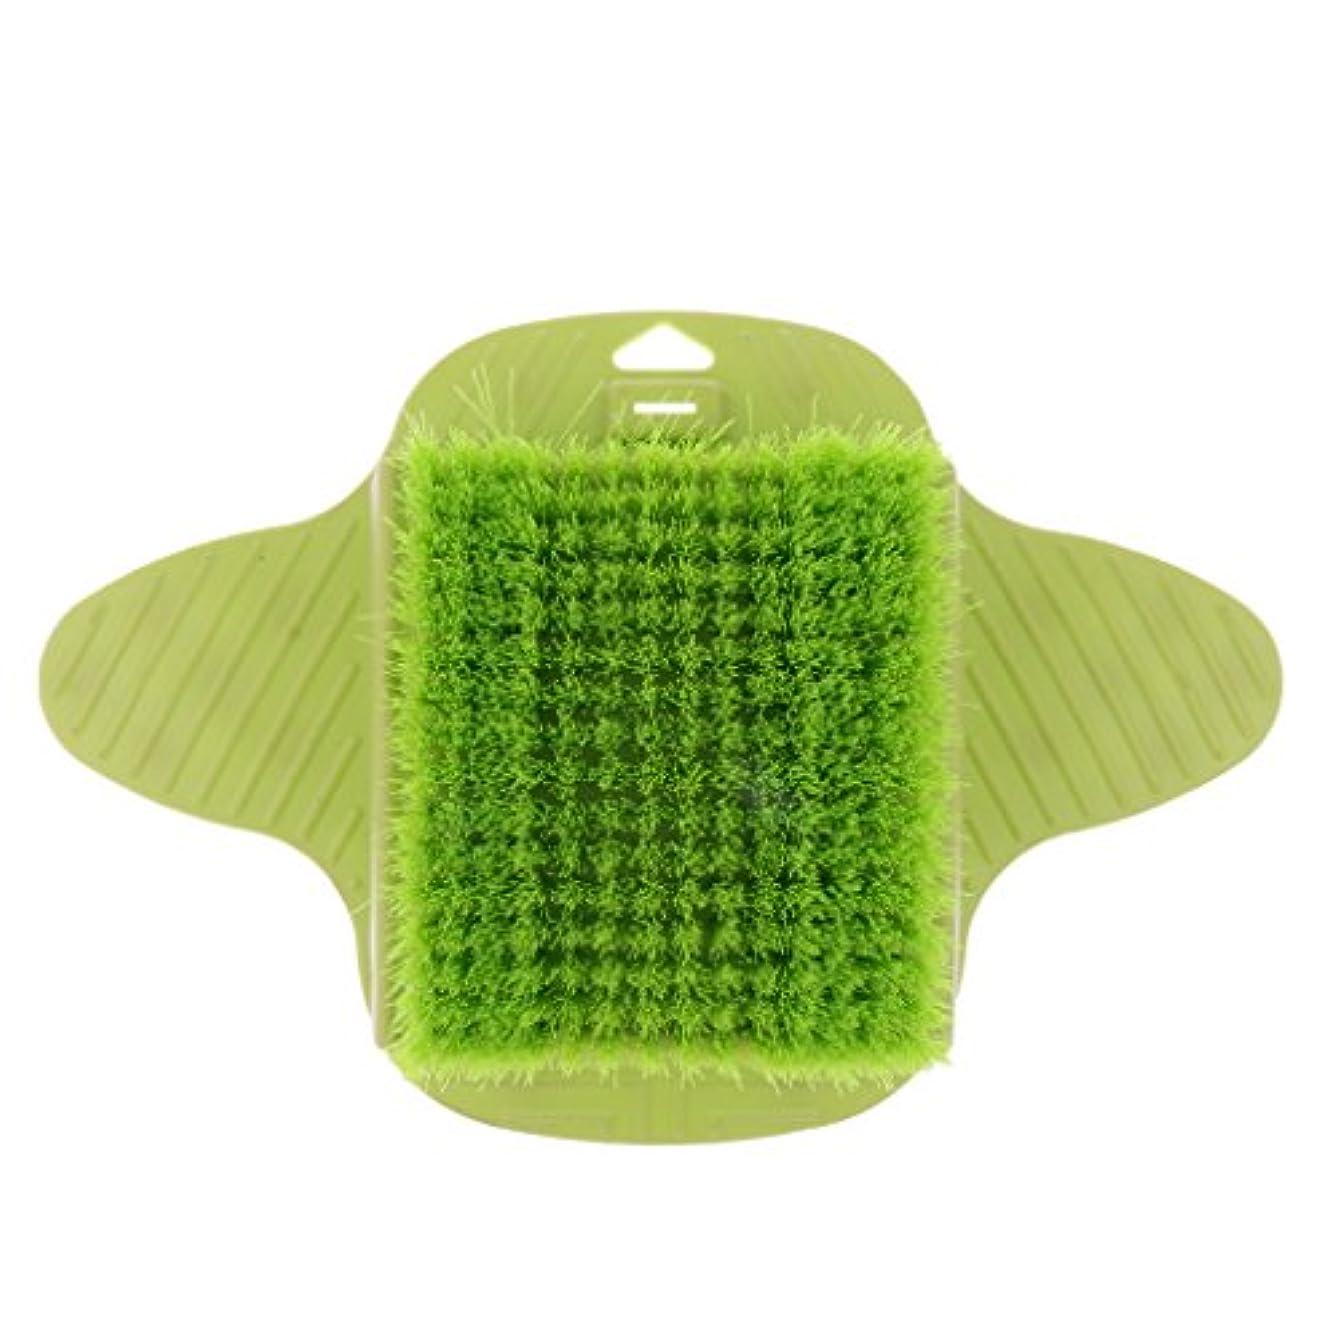 助けになる直接困難Baosity 足ケア マッサージブラシ ブラシ 足底清潔 足用 シャワー ストレス解消 快適 フット ツール 緑